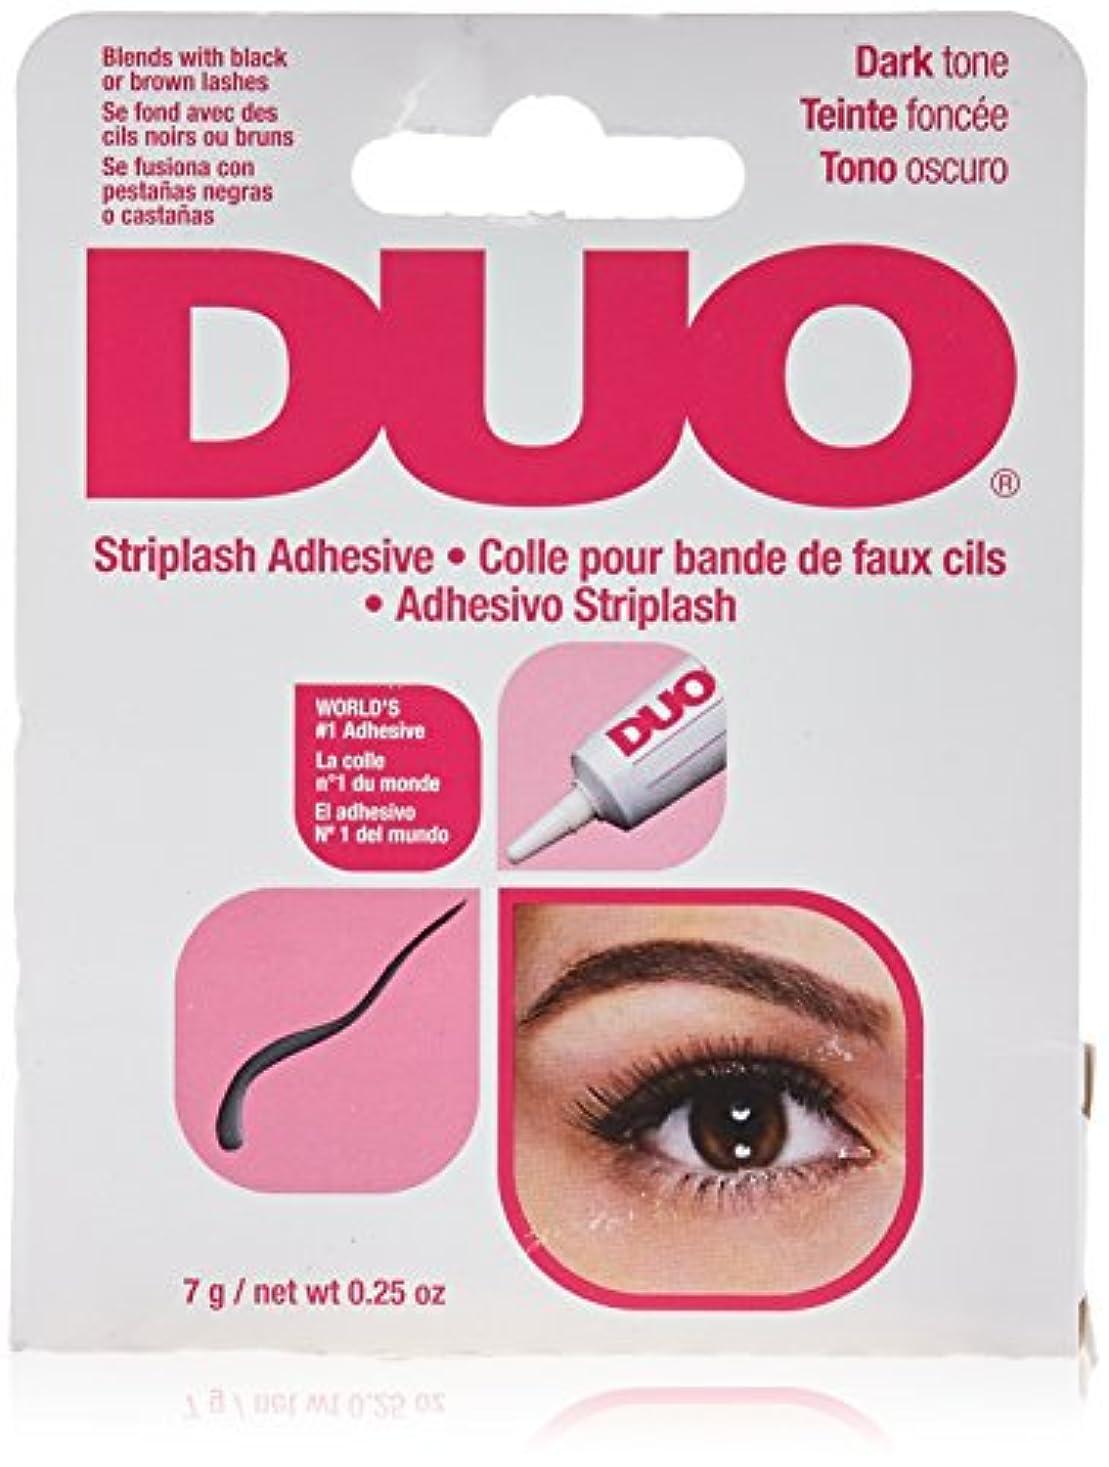 気球電子レンジ吸収するDUO Eyelash Adhesive - Dark Tone (並行輸入品)